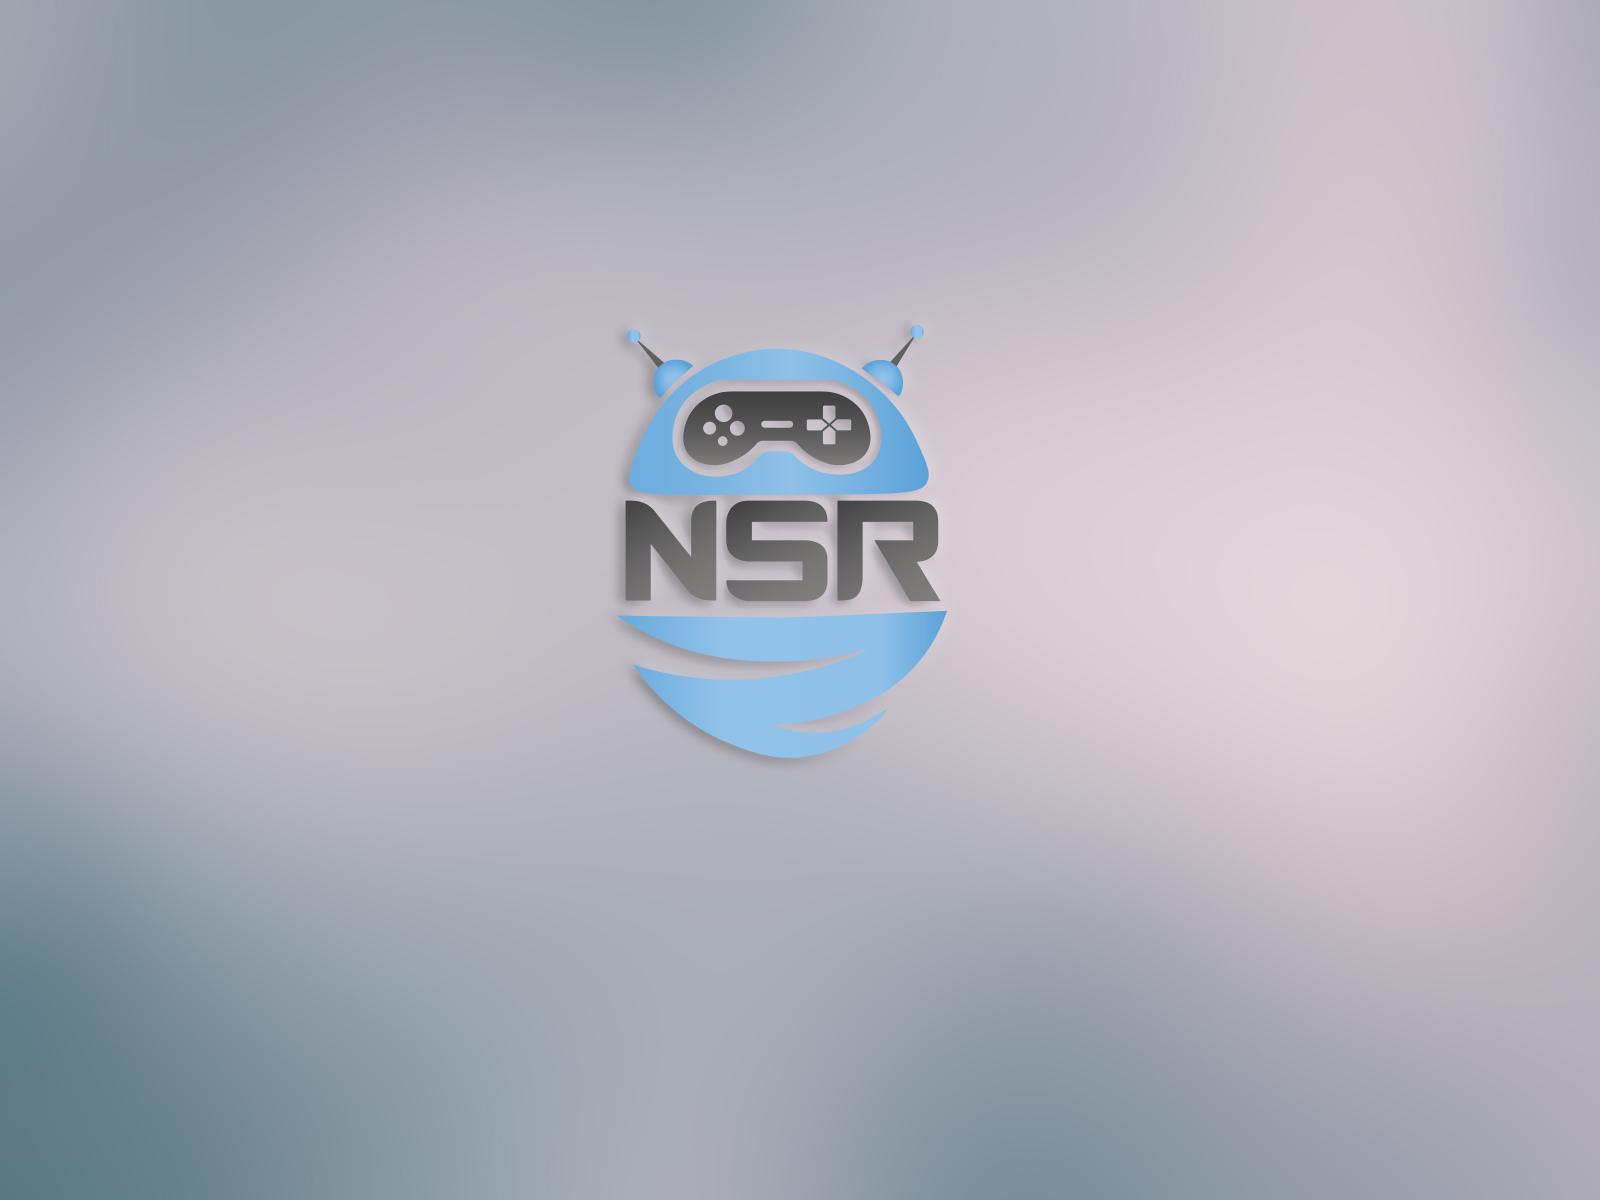 Создать логотип фото f_6775c61a4cae7d80.jpg